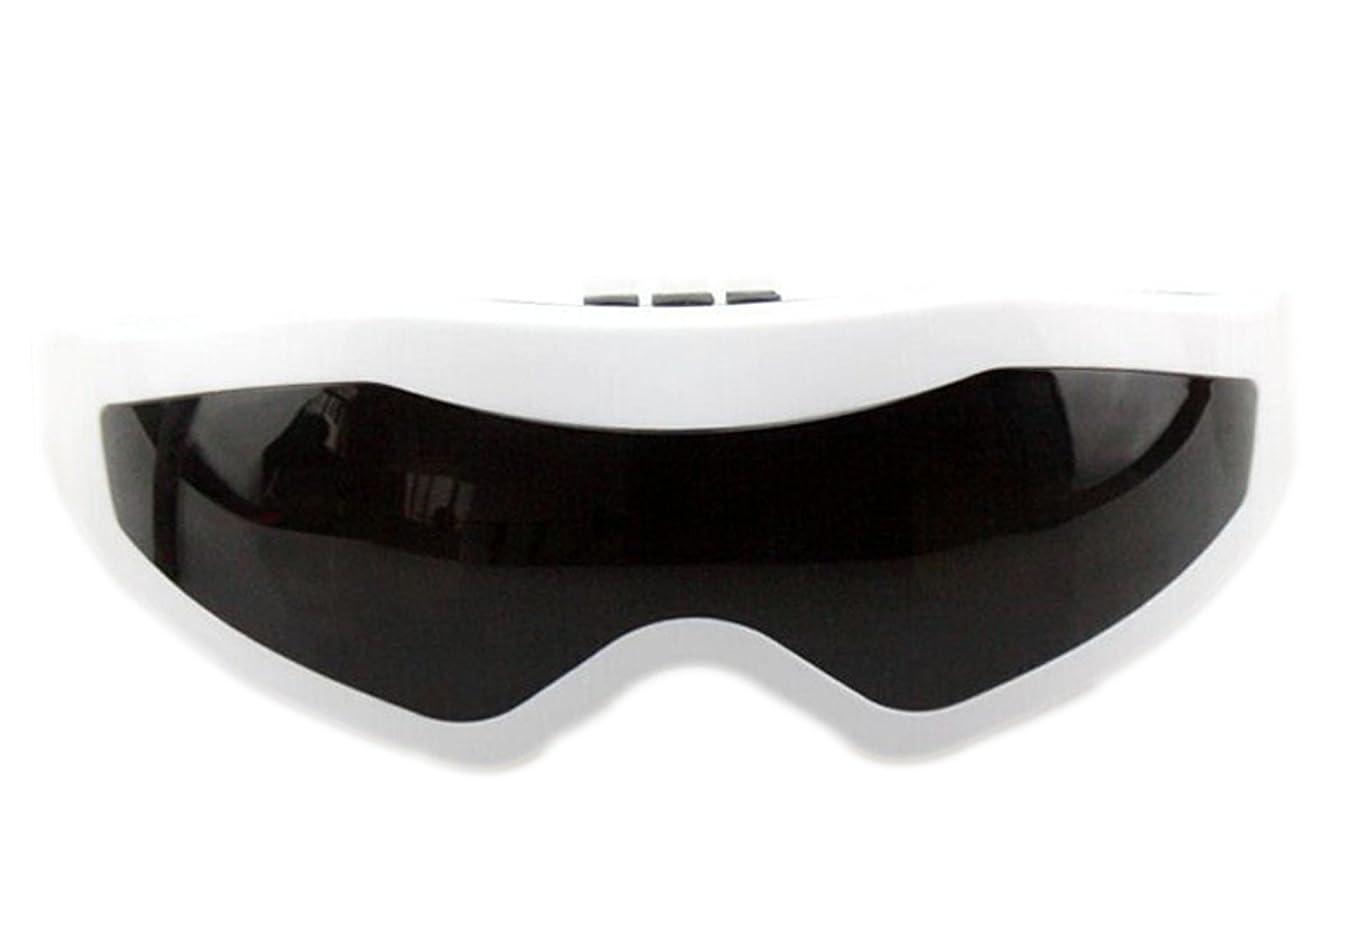 維持パイプ成長ノーブランド品目のマッサージ眼鏡